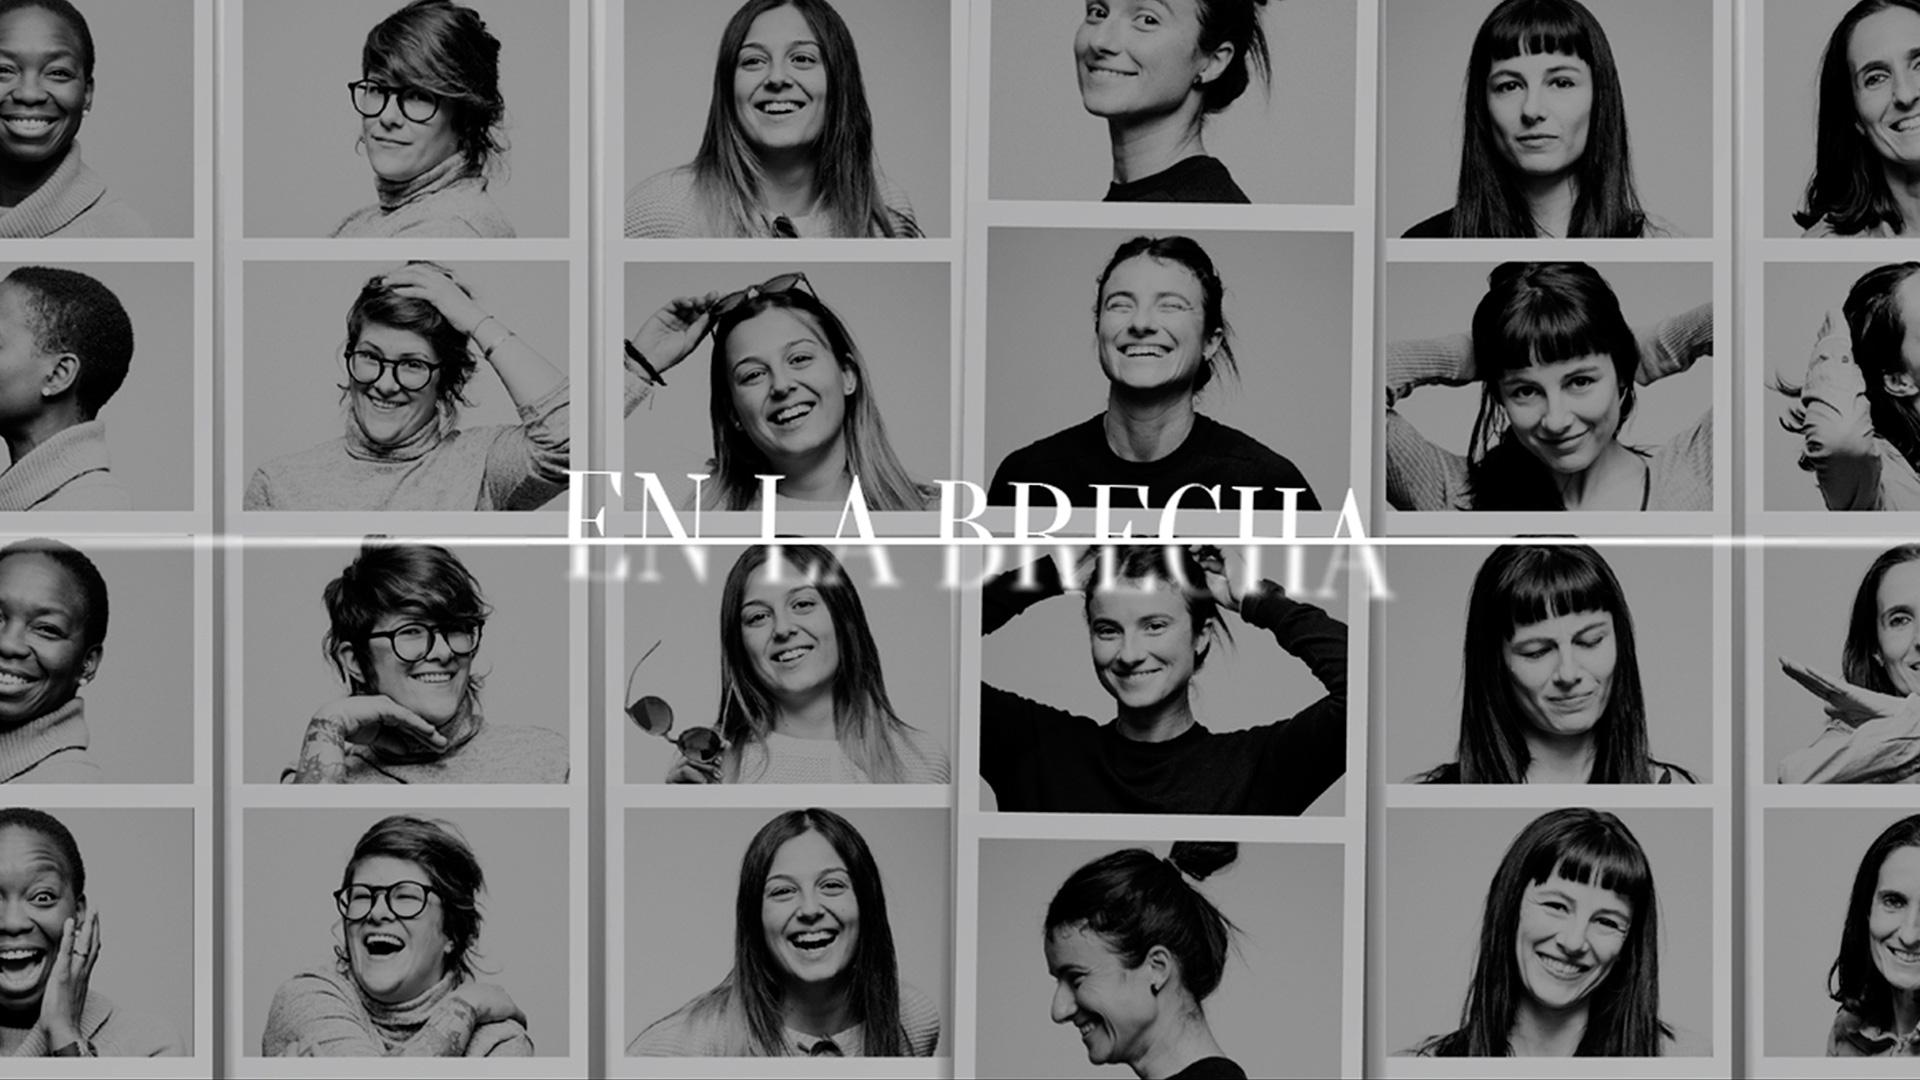 'En la brecha'. el documental interactivo que reflexiona sobre las desigualdades de género en el trabajo